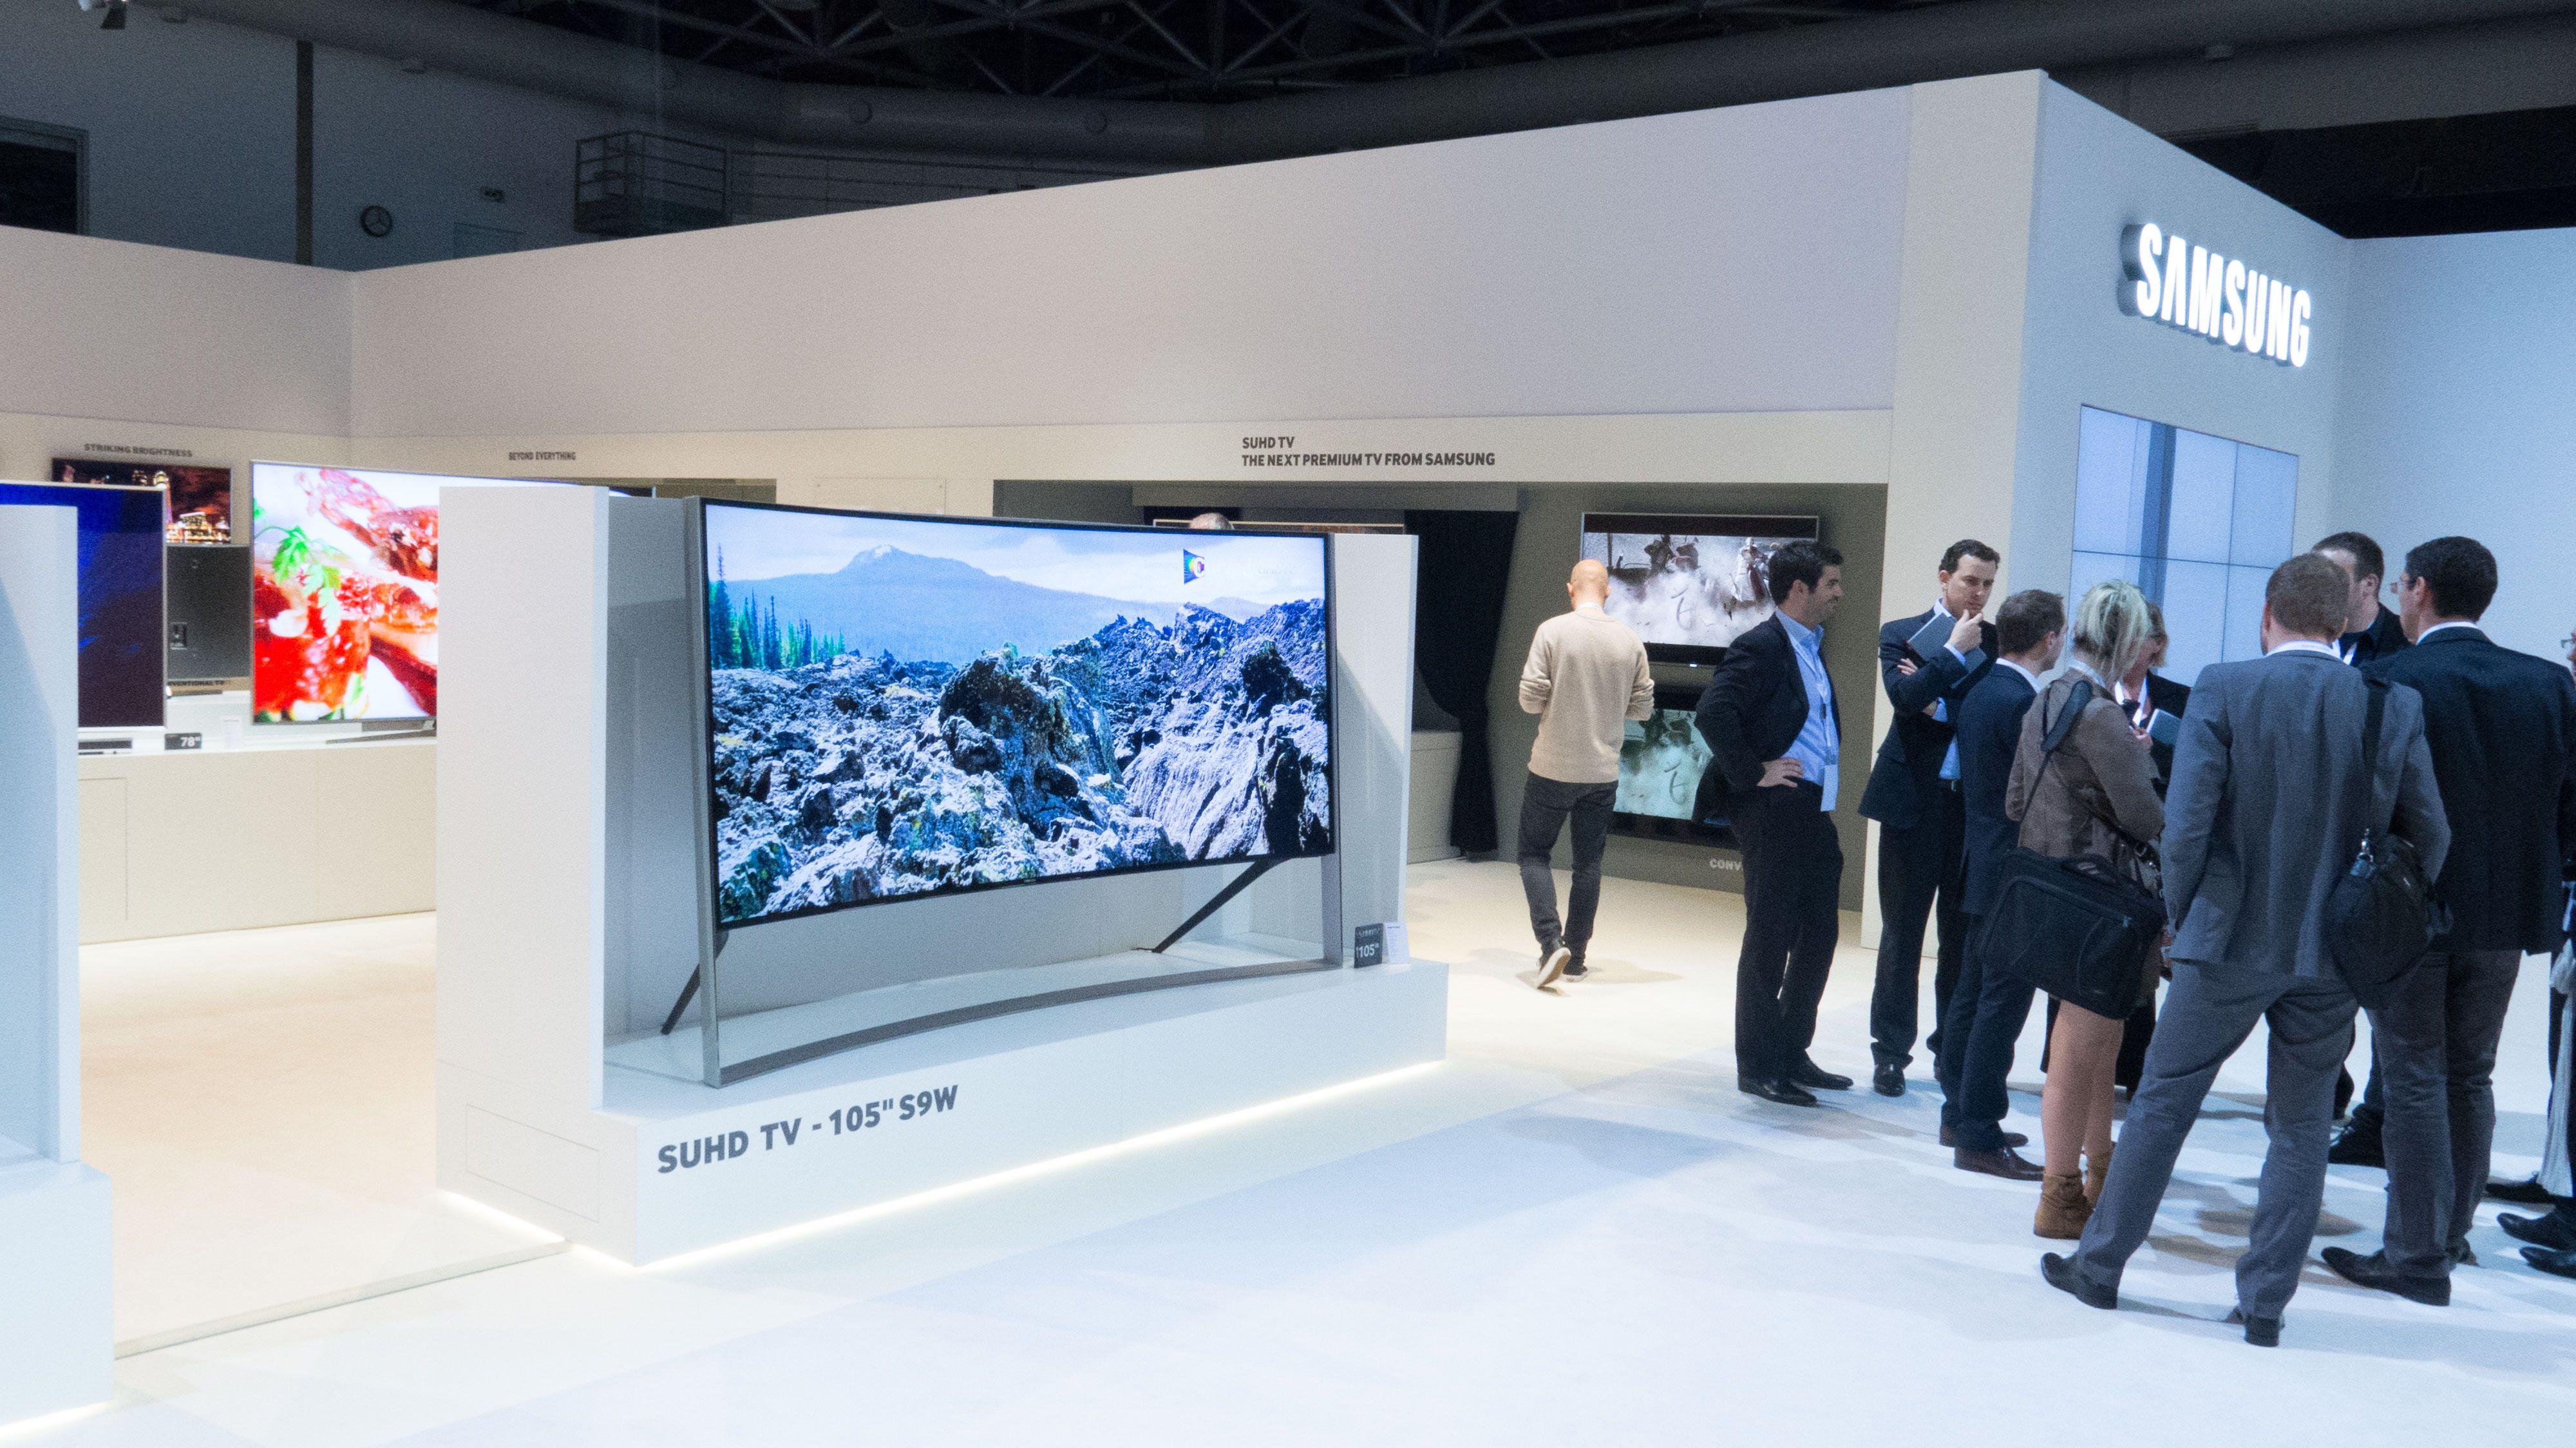 Samsungs nye gigant skiller seg ut på messegulvet. Foto: Ole Henrik Johansen / Tek.no